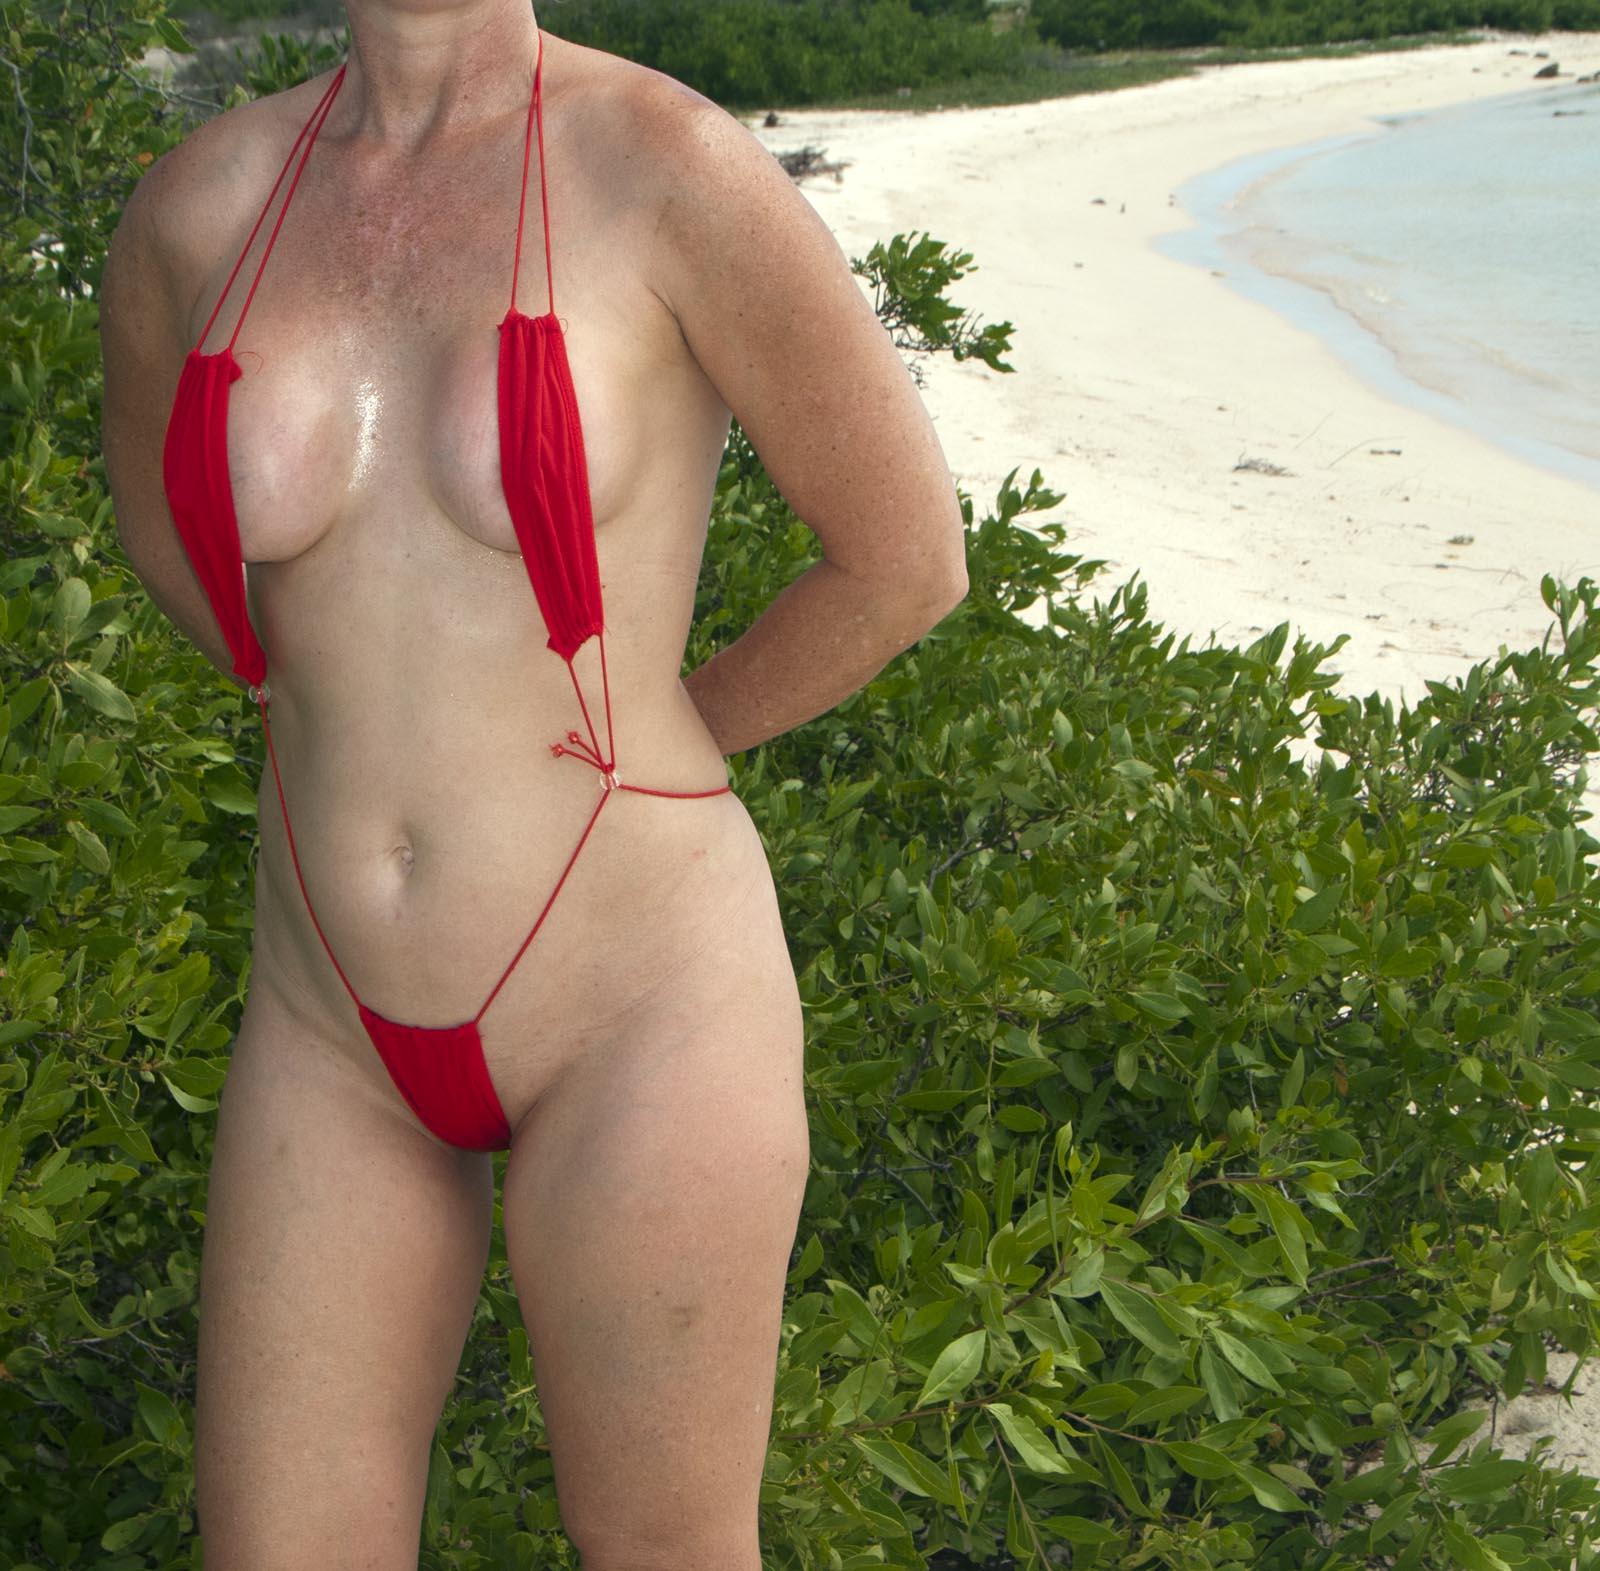 allie james nude sex